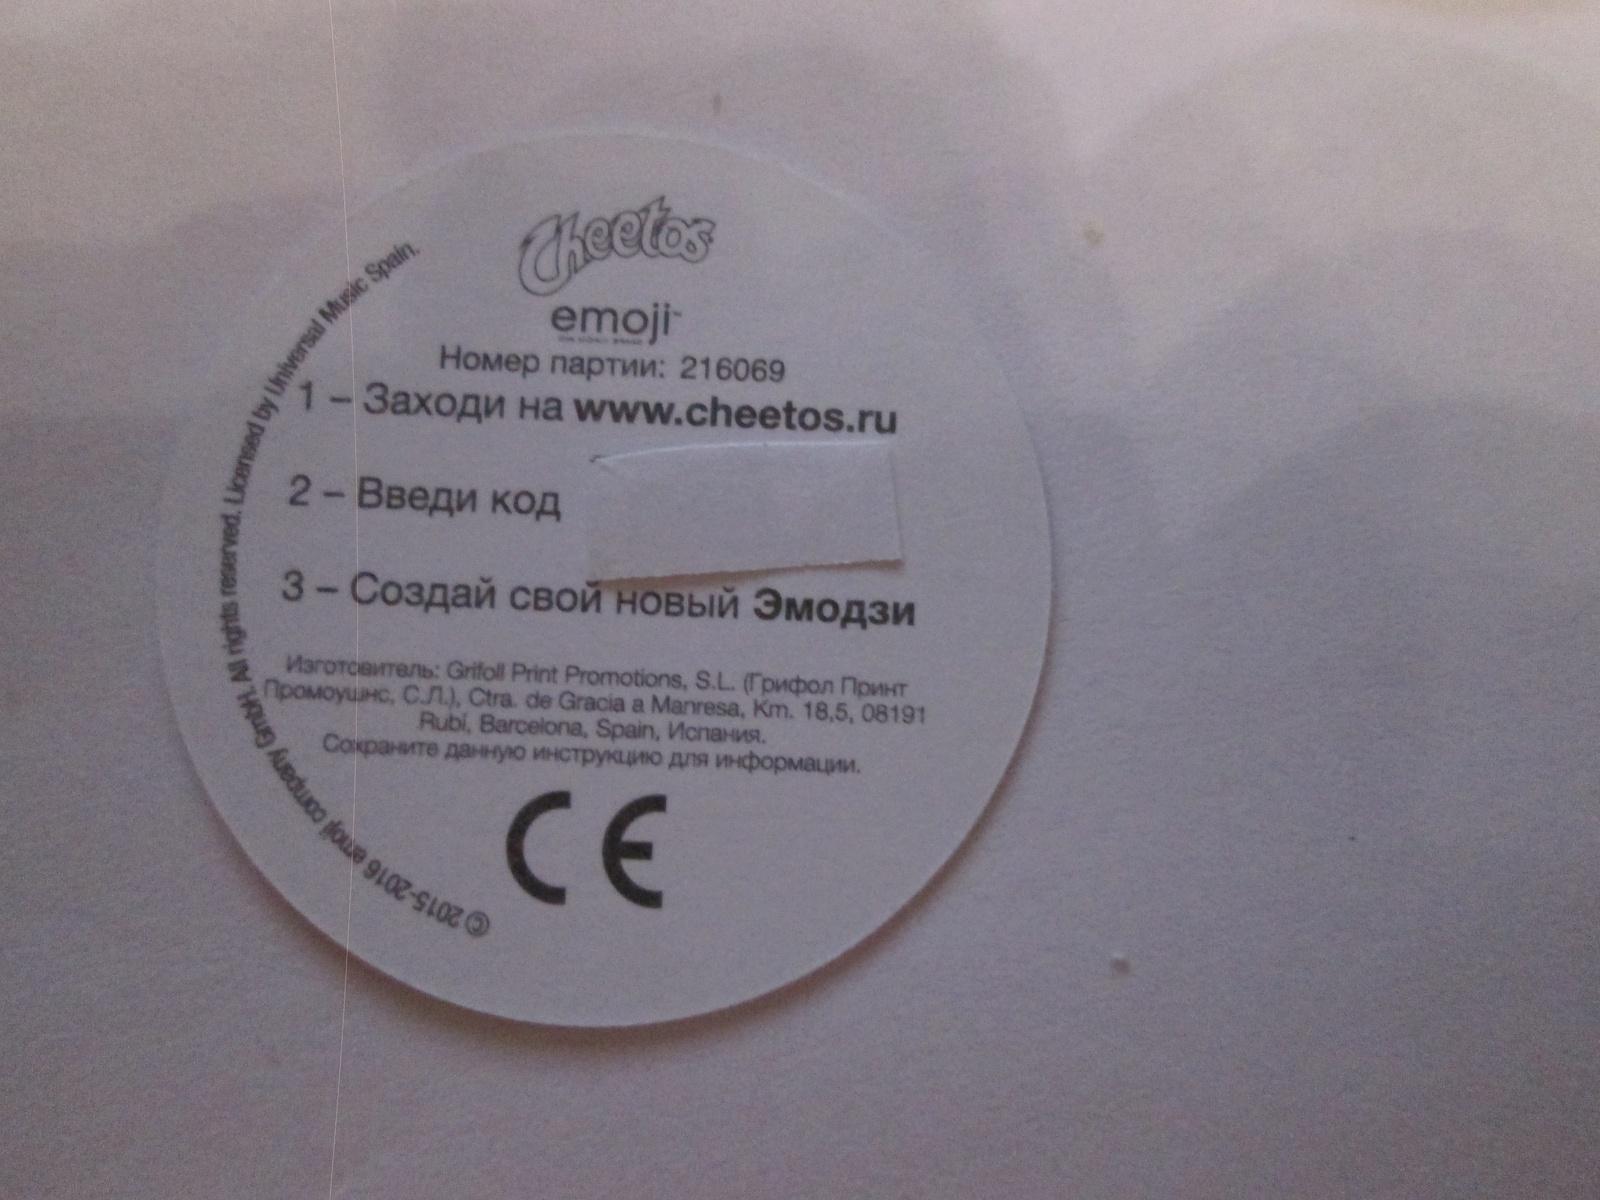 уникальный код с пачки кофе nescafe 3 в 1 больше кодов больше стикеров